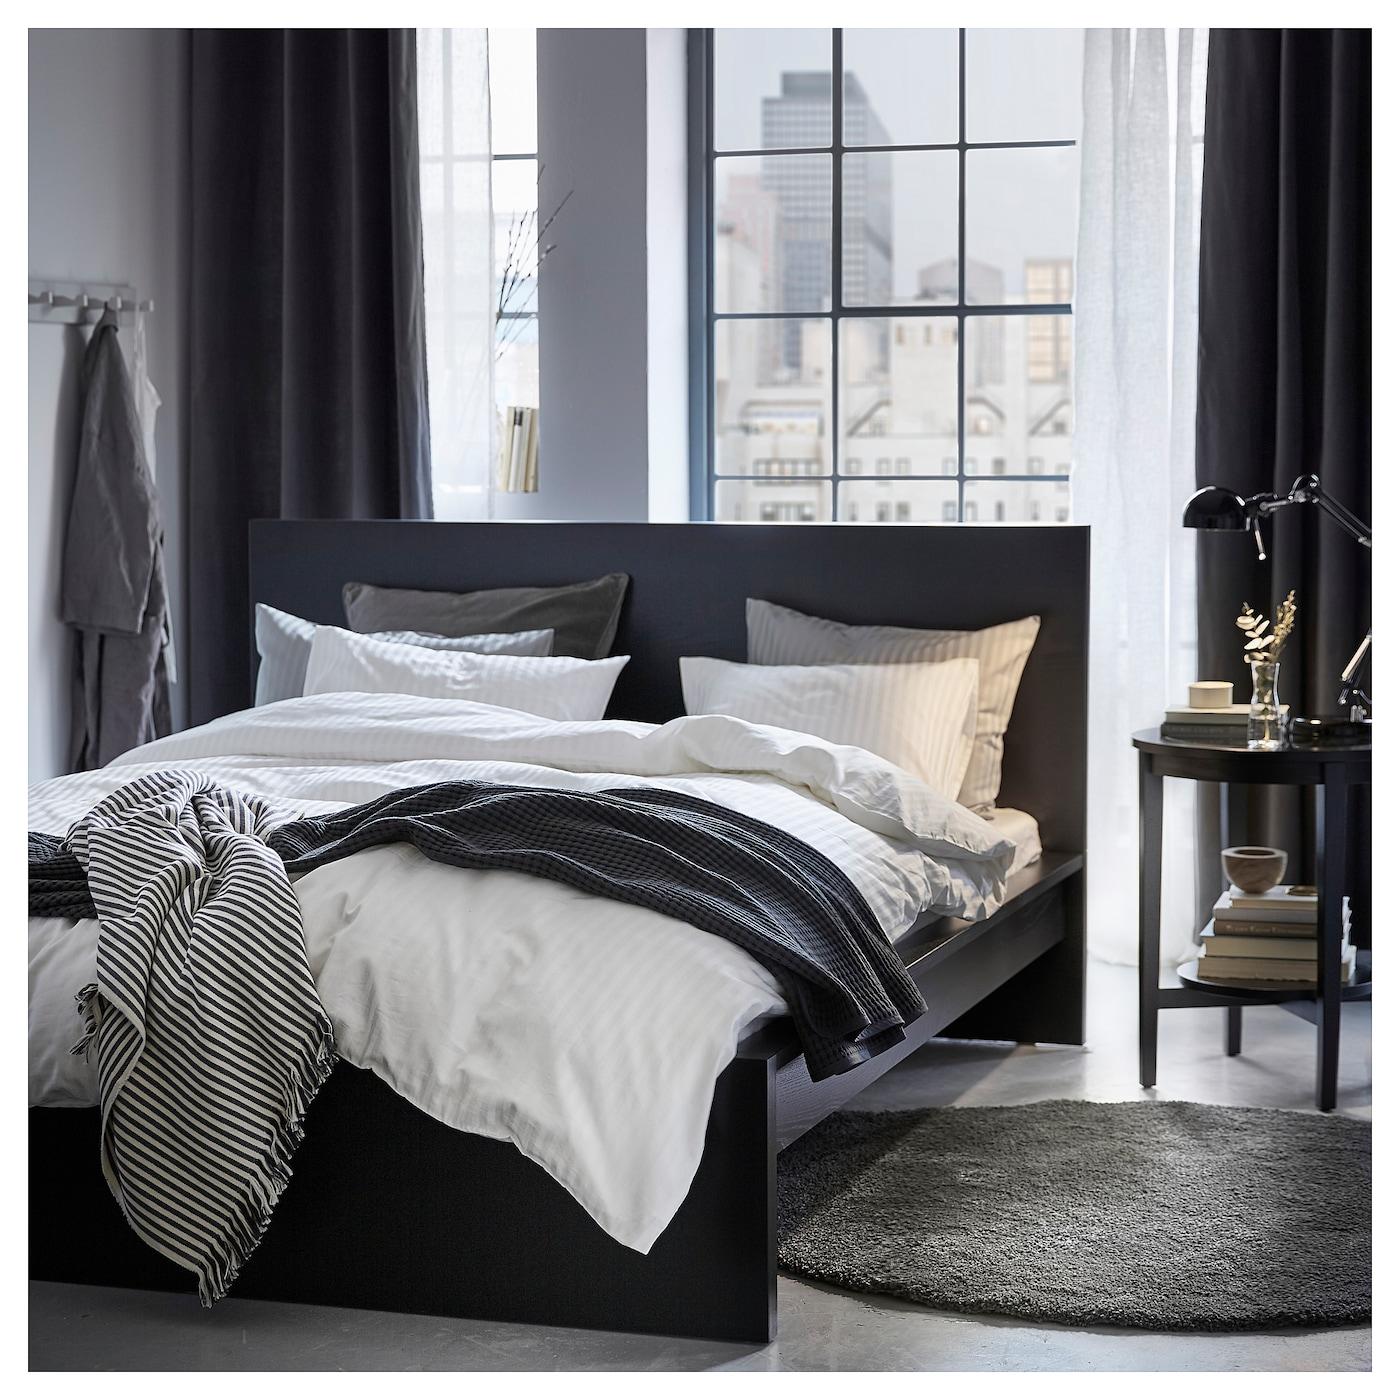 Nattjasmin Housse De Couette Et 2 Taies Blanc 260x240 65x65 Cm Ikea